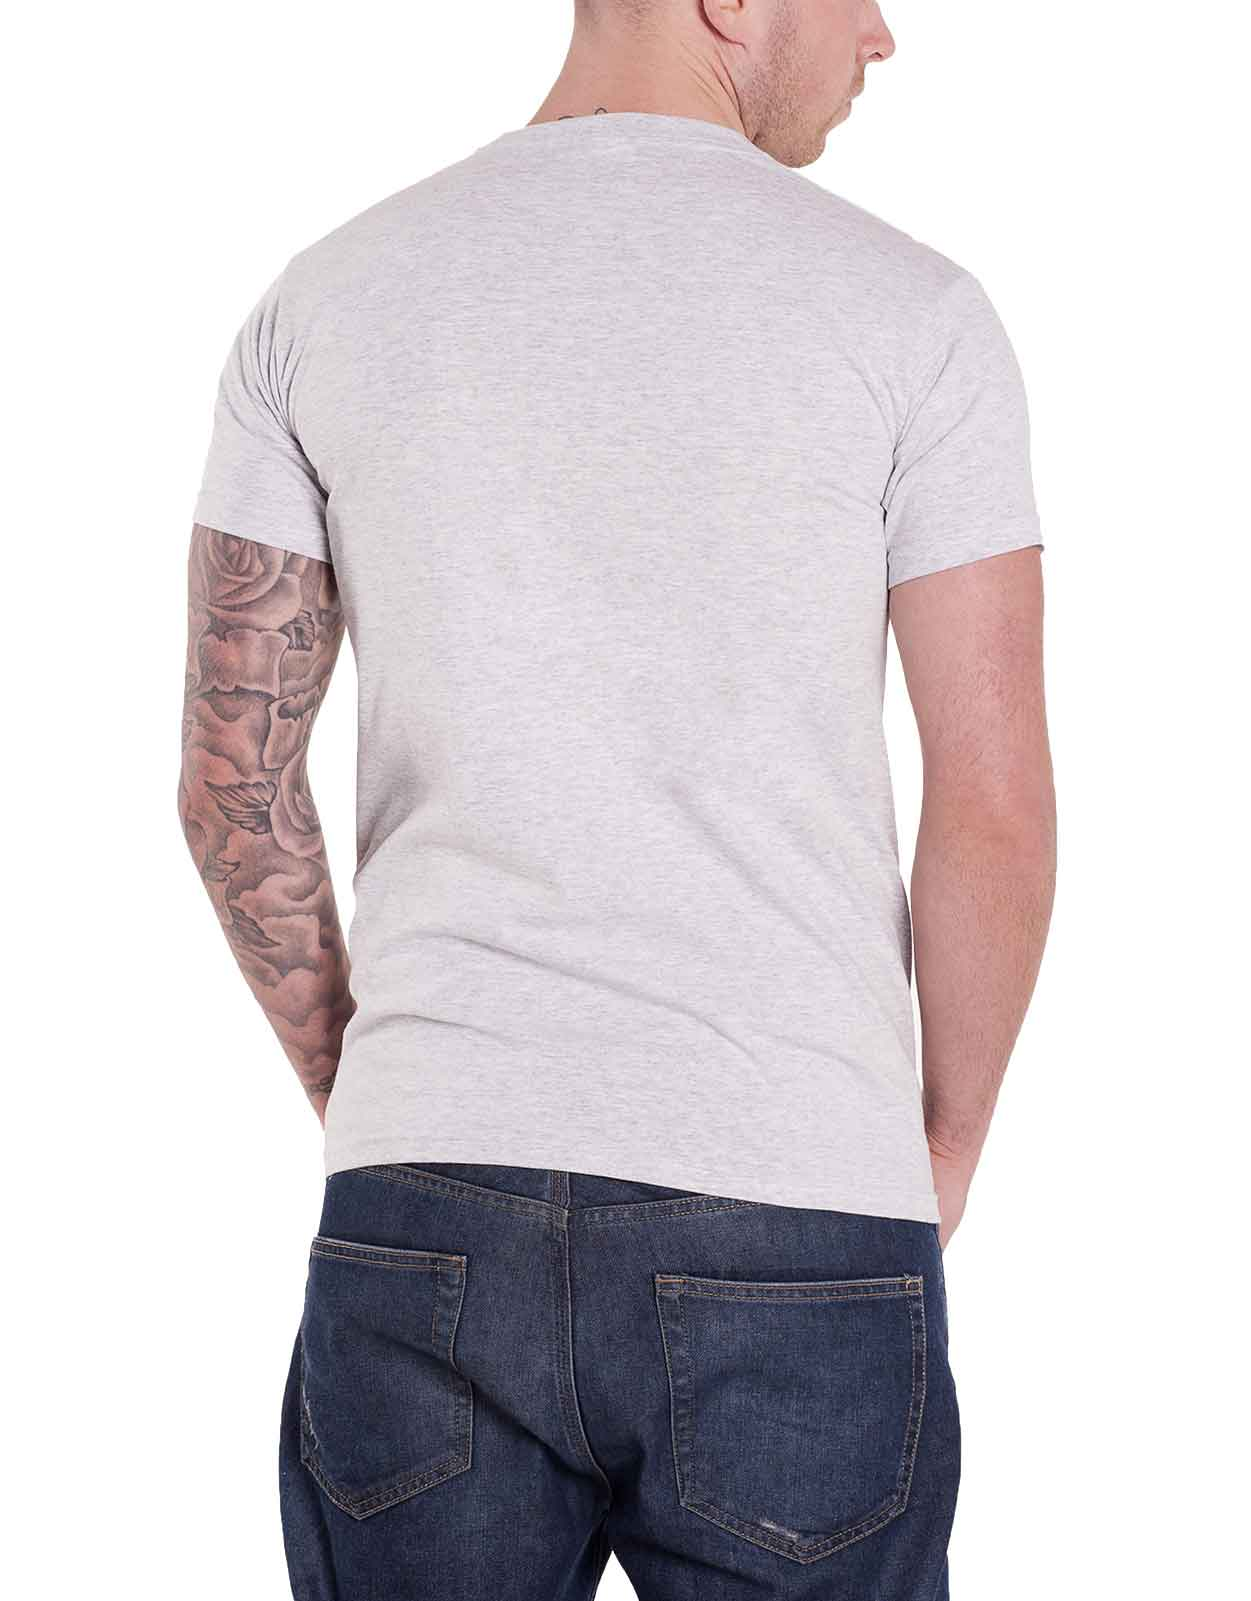 Rick-and-Morty-T-Shirt-Pickle-Rick-Portail-spirale-Wubba-Lubba-nouveau-officiel-Homme miniature 49